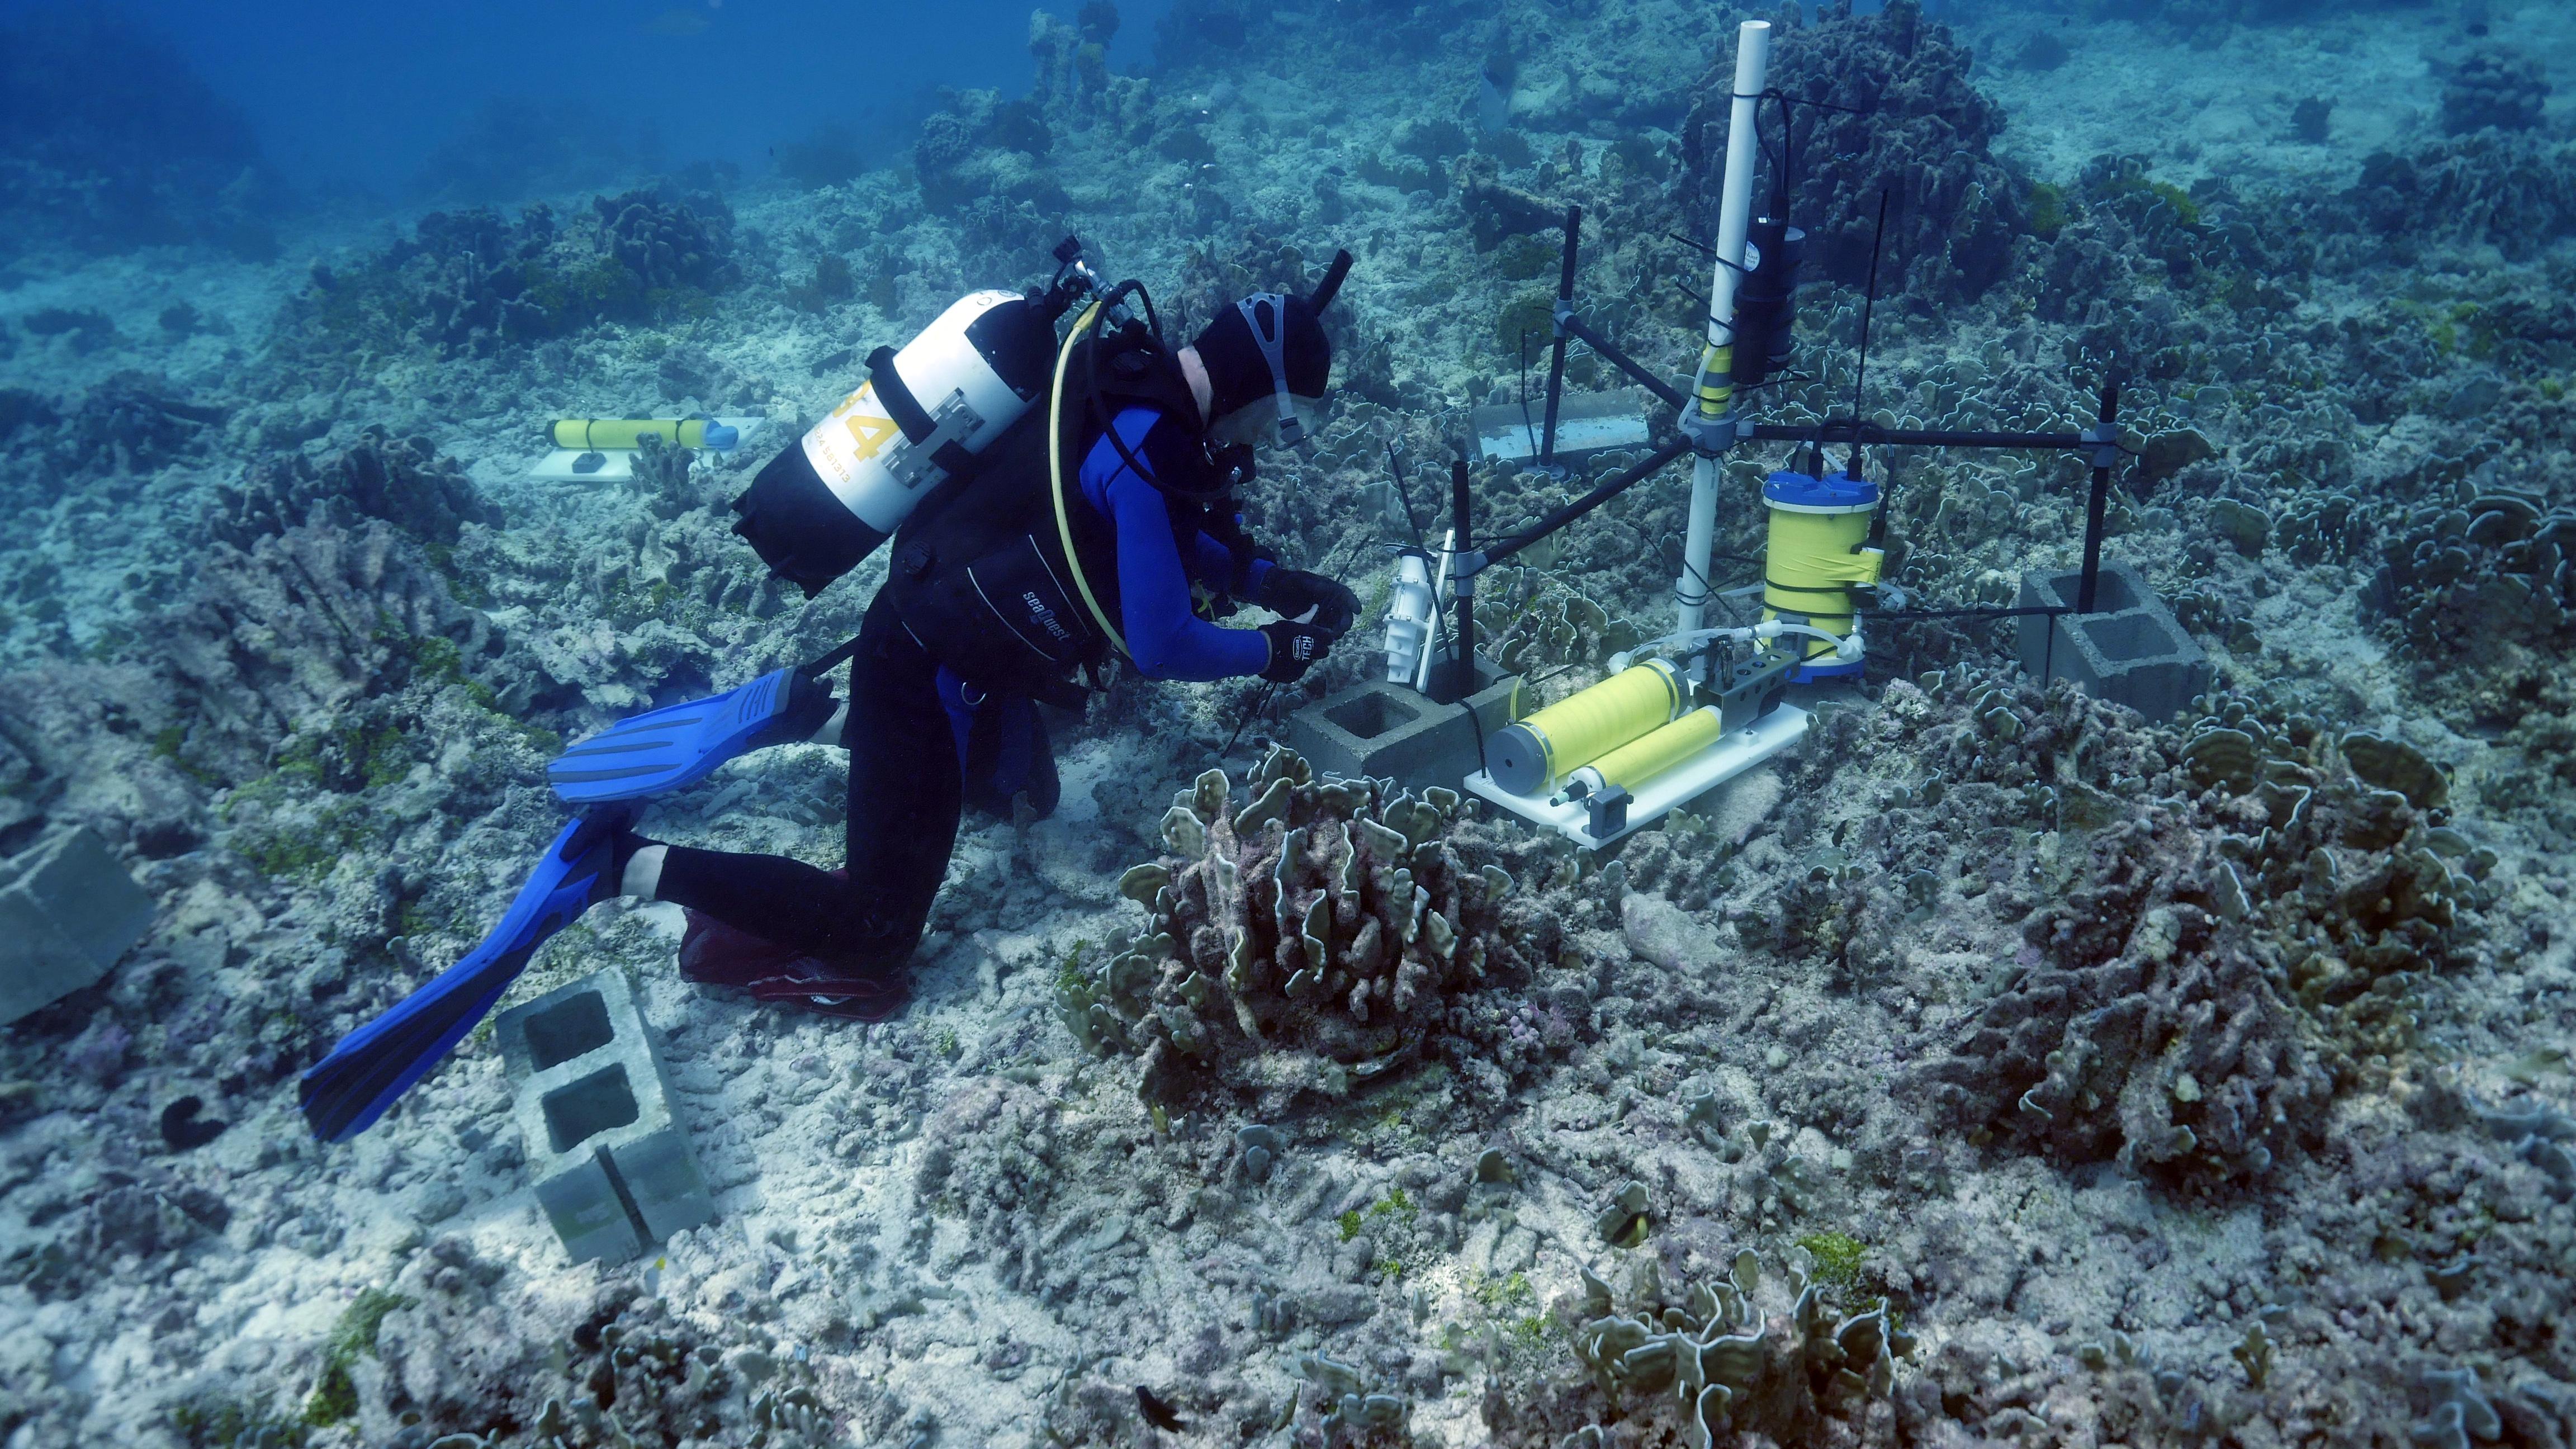 Hoạt động đo đạc, khảo sát môi trường biển. (Nguồn: zsl.org)